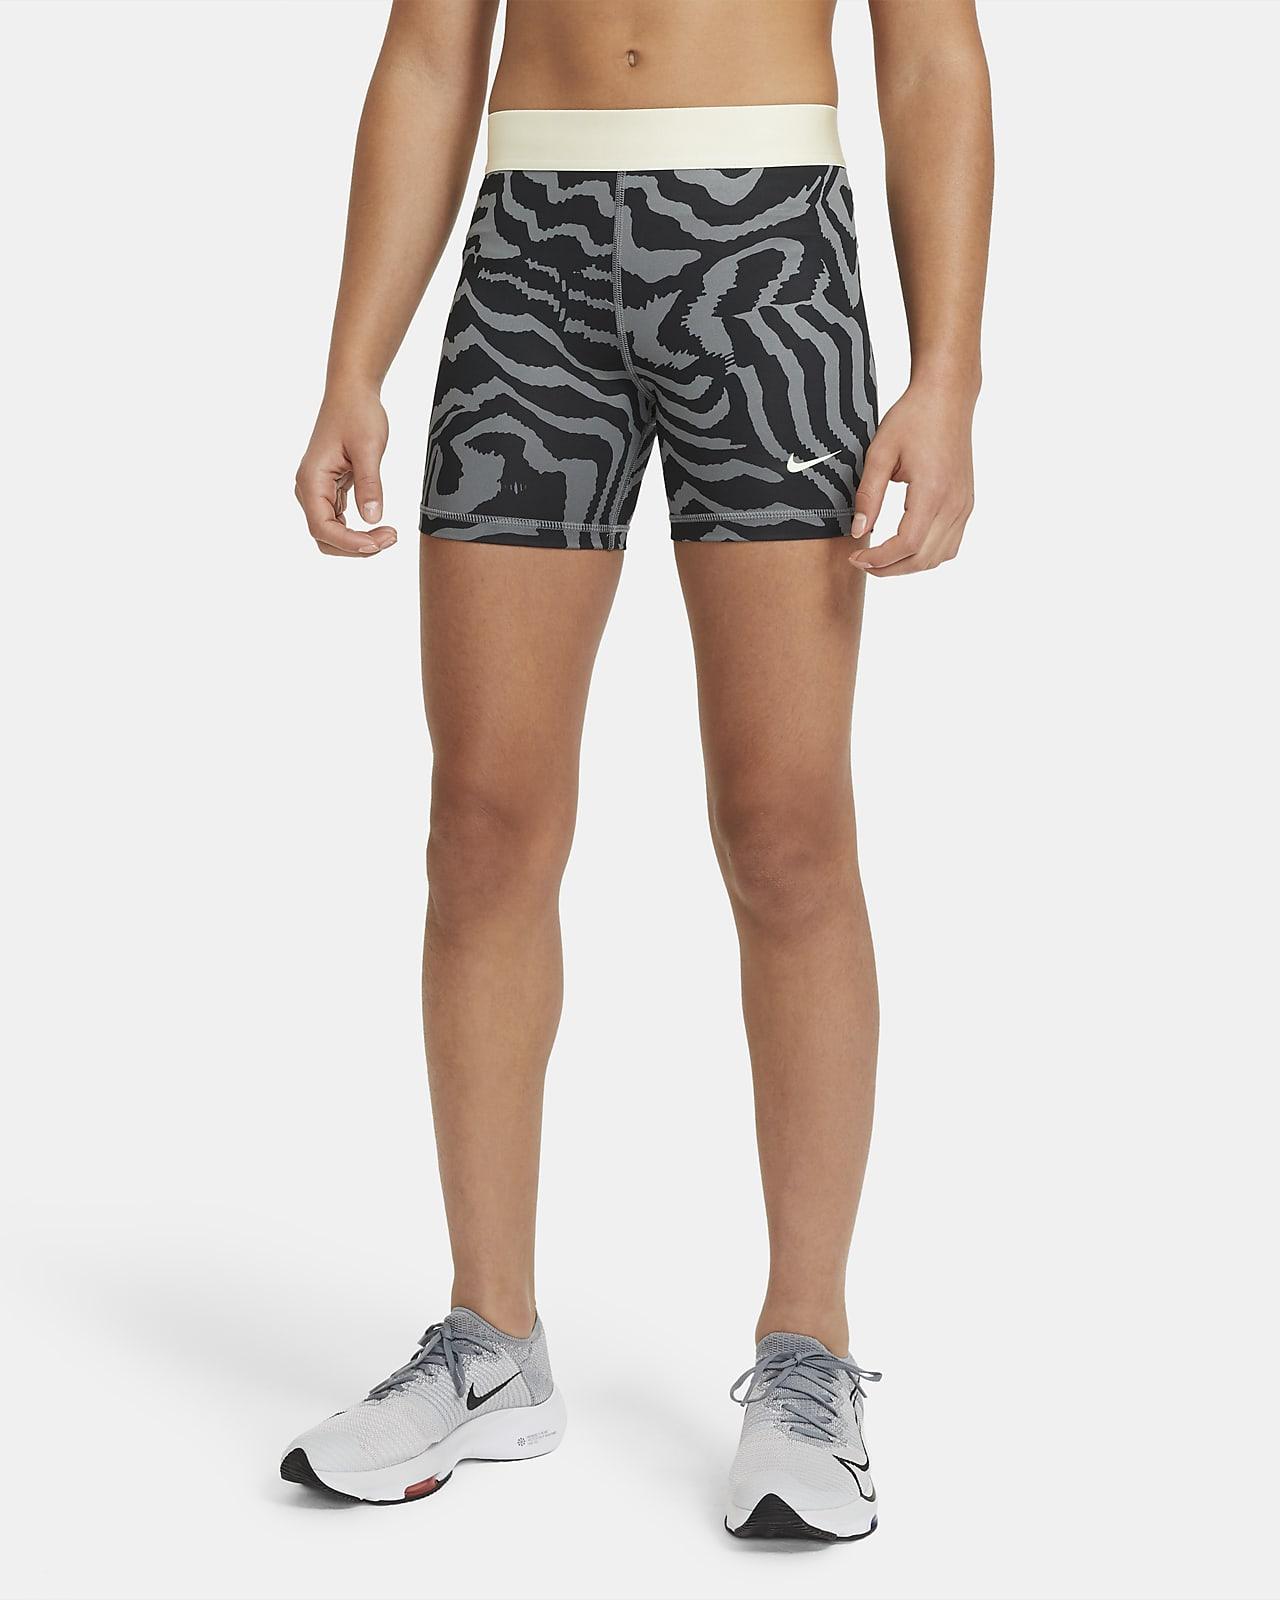 Шорты с принтом для девочек школьного возраста Nike Pro 8 см